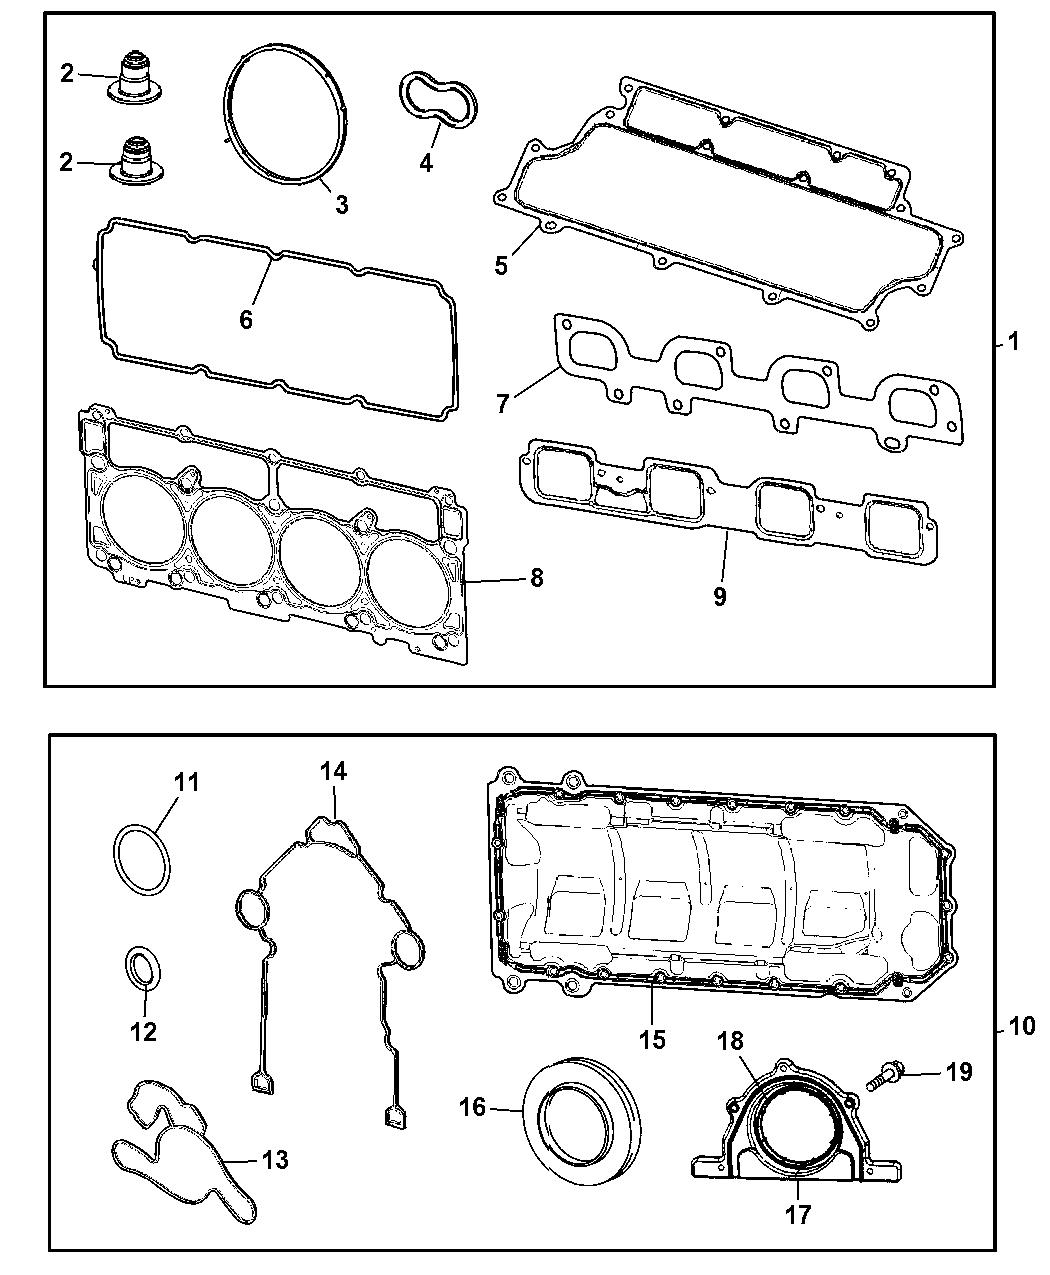 2008 Dodge Charger Engine Gasket Packages Mopar Parts Giant 08 Diagram Thumbnail 1